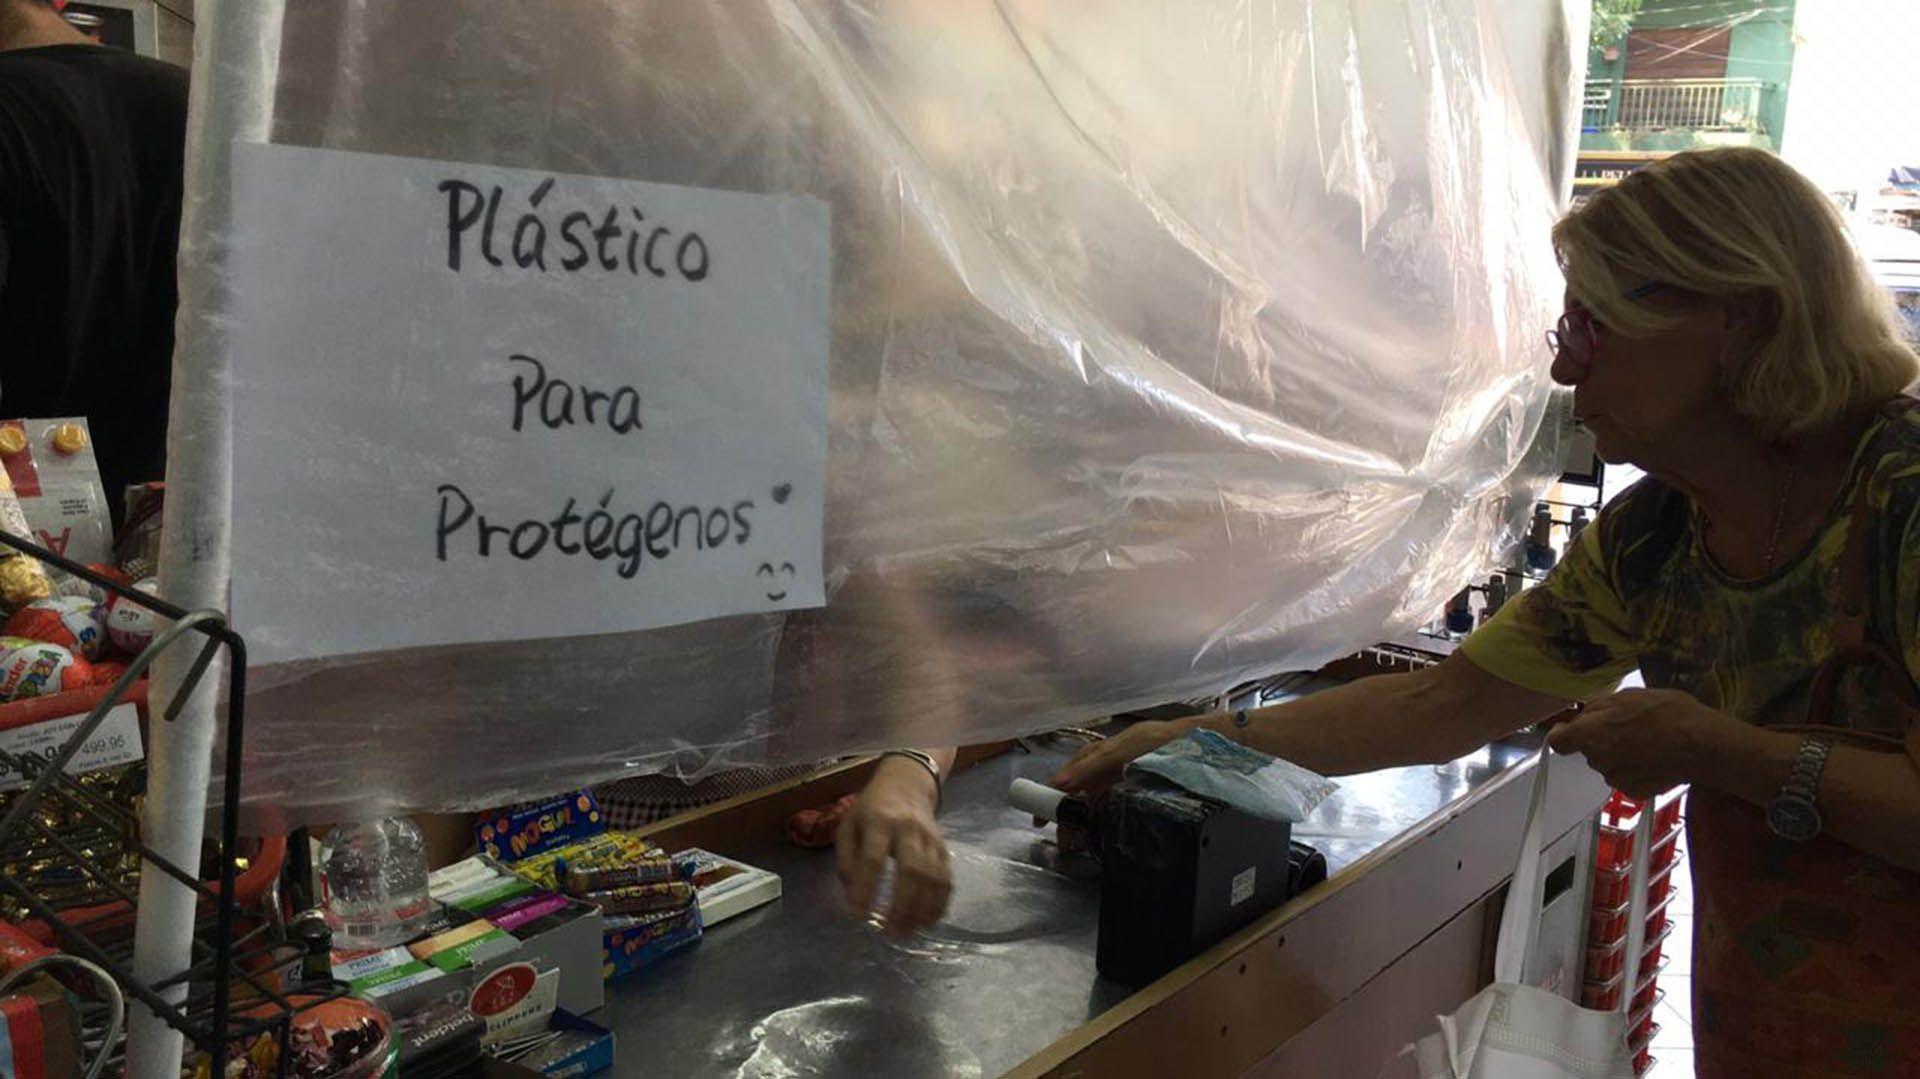 """Plástico """"protector"""" en un supermercado de barrio (Maximiliano Luna)"""